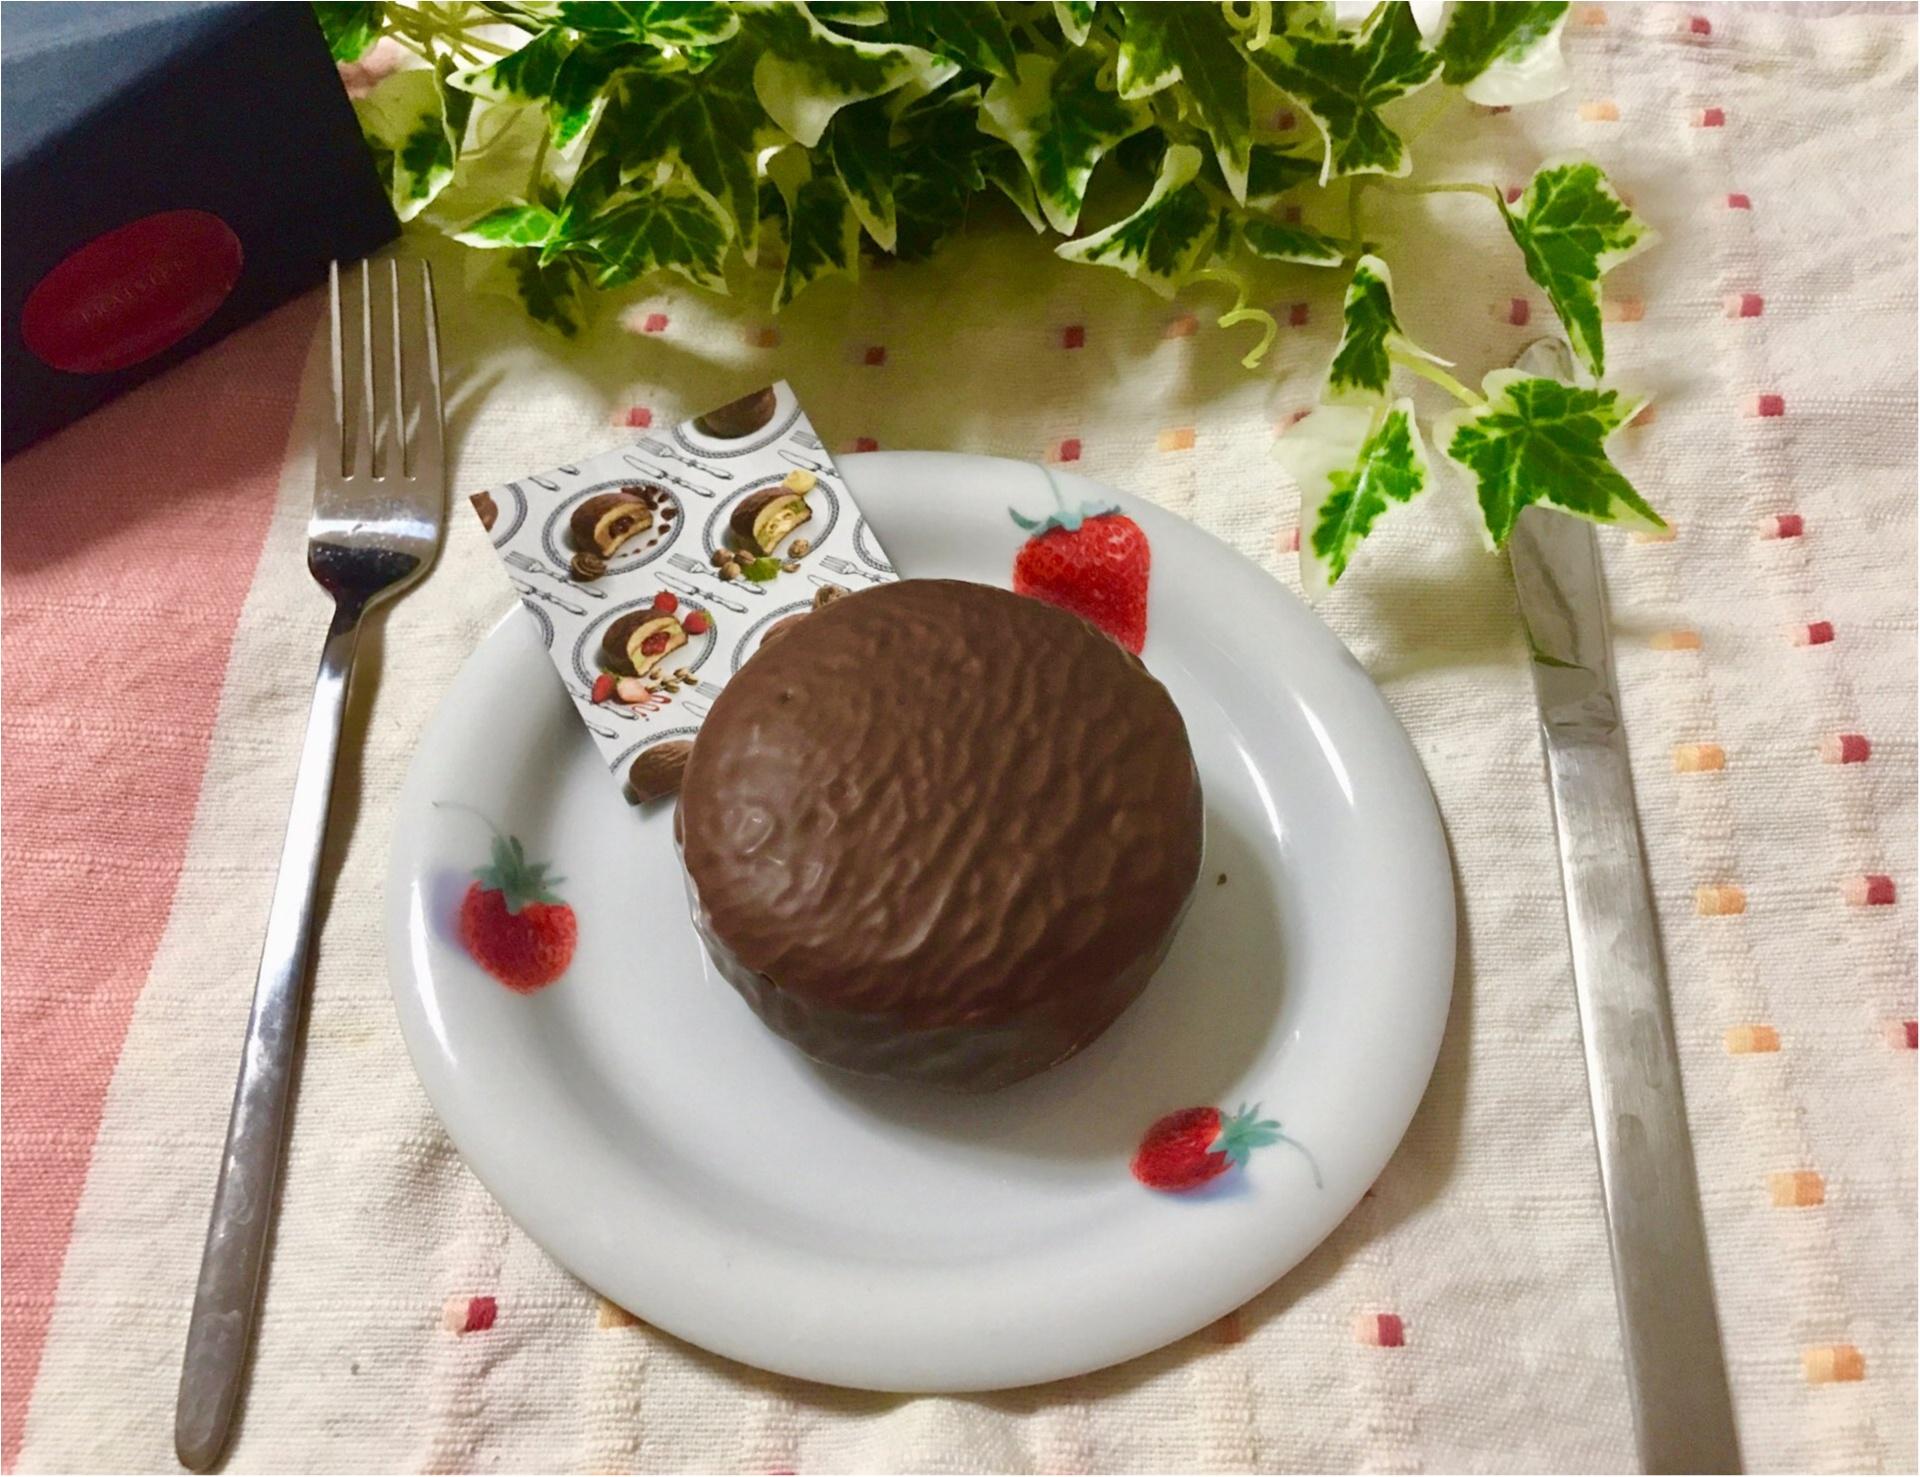 """賞味期限は2日!?《トシ・ヨロイヅカ監修★》ナイフとフォークで食べる、超セレブリティ【 """"生"""" チョコパイ】が美味しすぎる♡♡_7"""